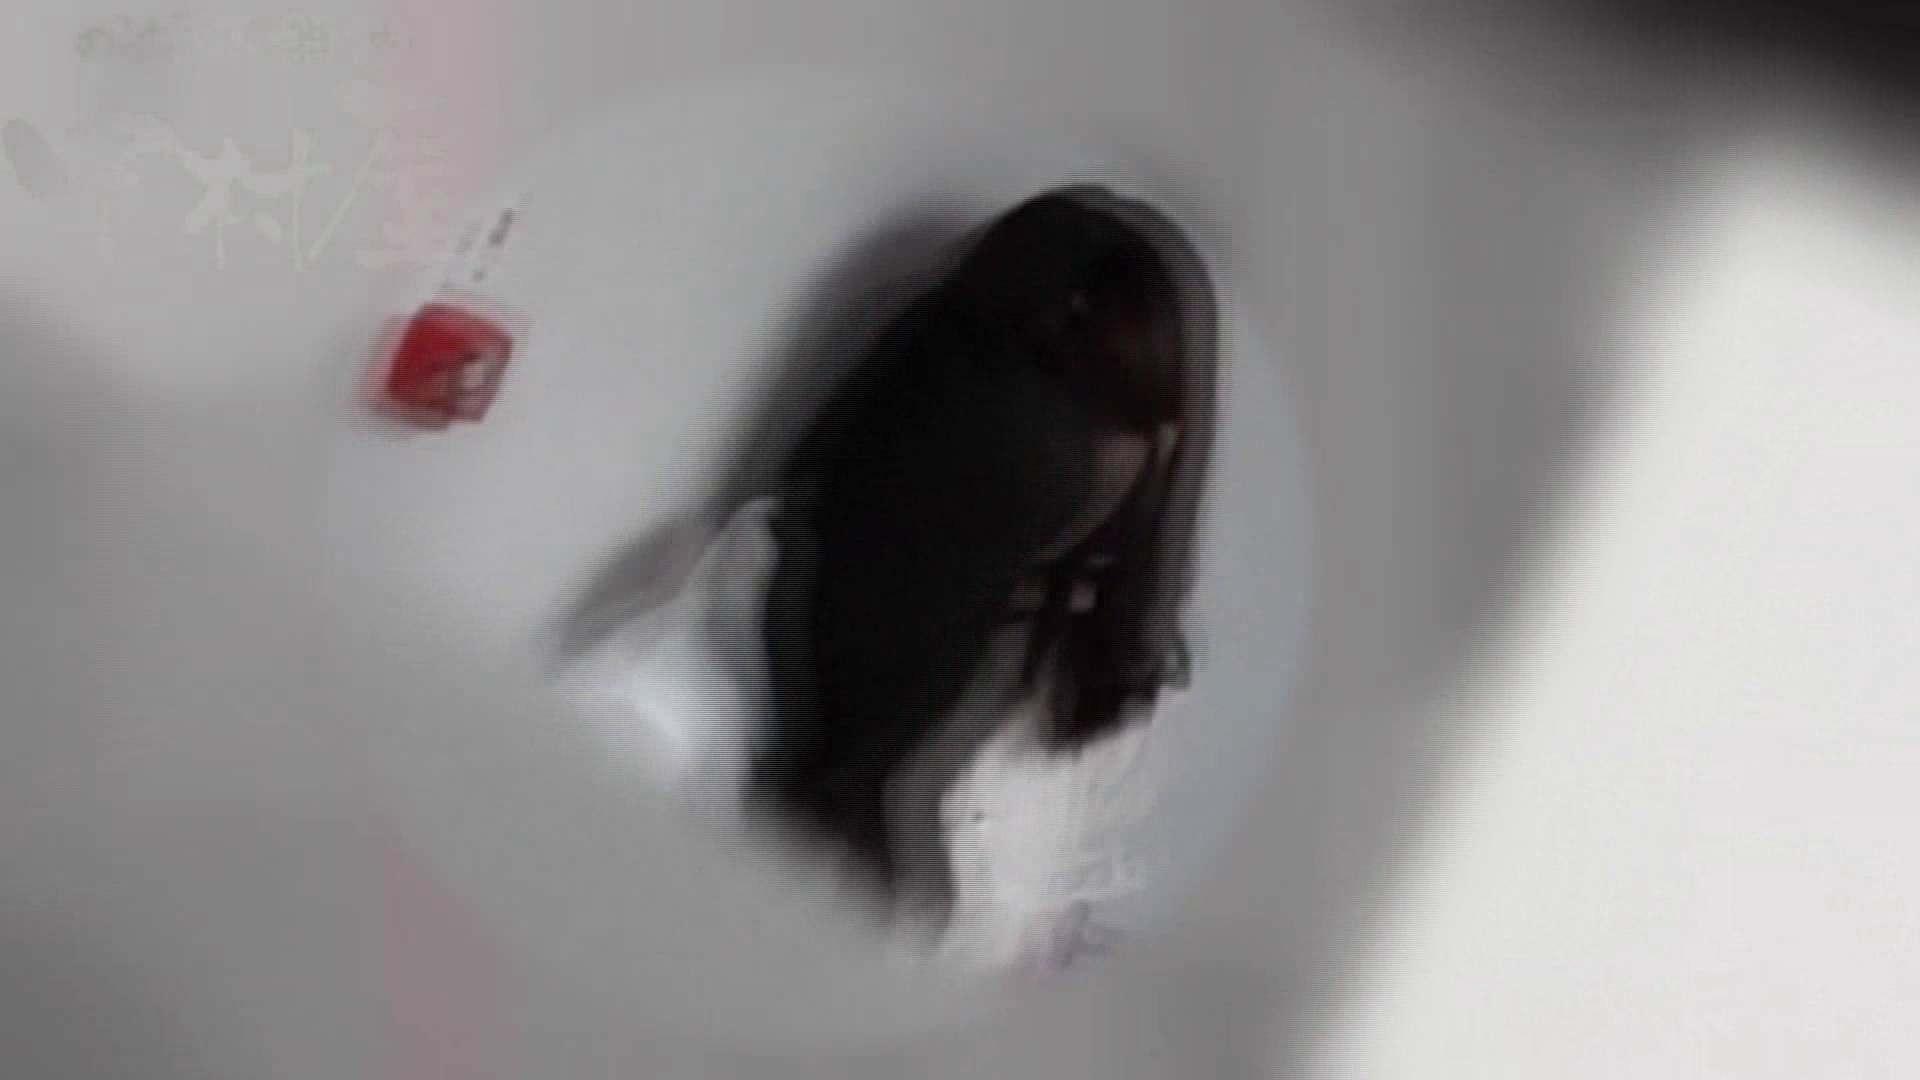 美しい日本の未来 No.26 美女偏差値オール90 トイレ 覗きおまんこ画像 60枚 42